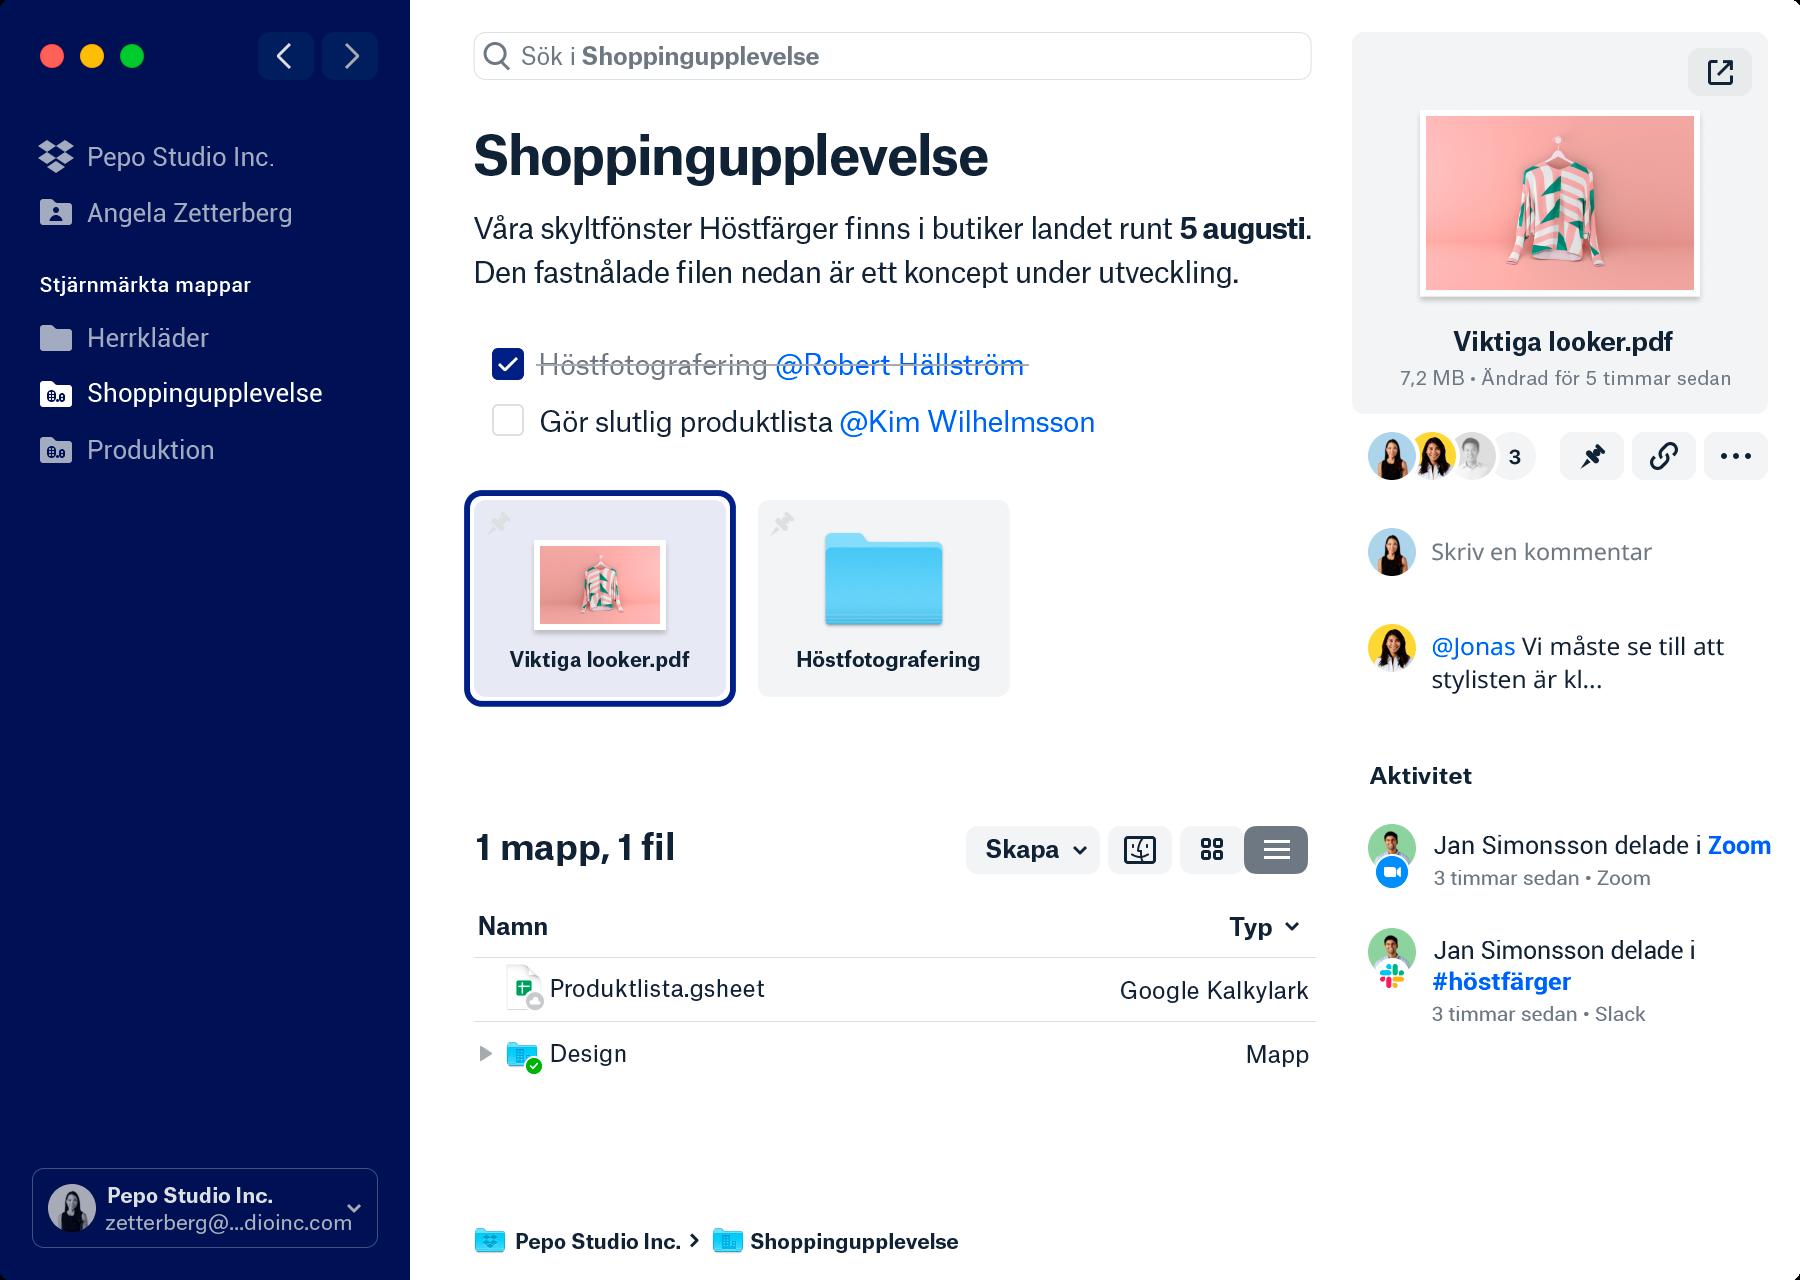 En skärmbild av den nya Dropbox-klienten. Sidofältet längst till vänster listar dina Dropbox-teammappar och personliga mappar samt stjärnmärkta mappar du kan ha. Mittenfältet visar ett mappnamn och en översikt som beskriver mappens innehåll. Under finns en att göra-lista med @taggningar, en fastnålad fil och mappar och filerna och mapparna i mappen. Detaljfältet längst till höger visar en förhandsgranskning av vald fil, personerna du delat filen med samt eventuella kommentarer eller aktiviteter kring filen.